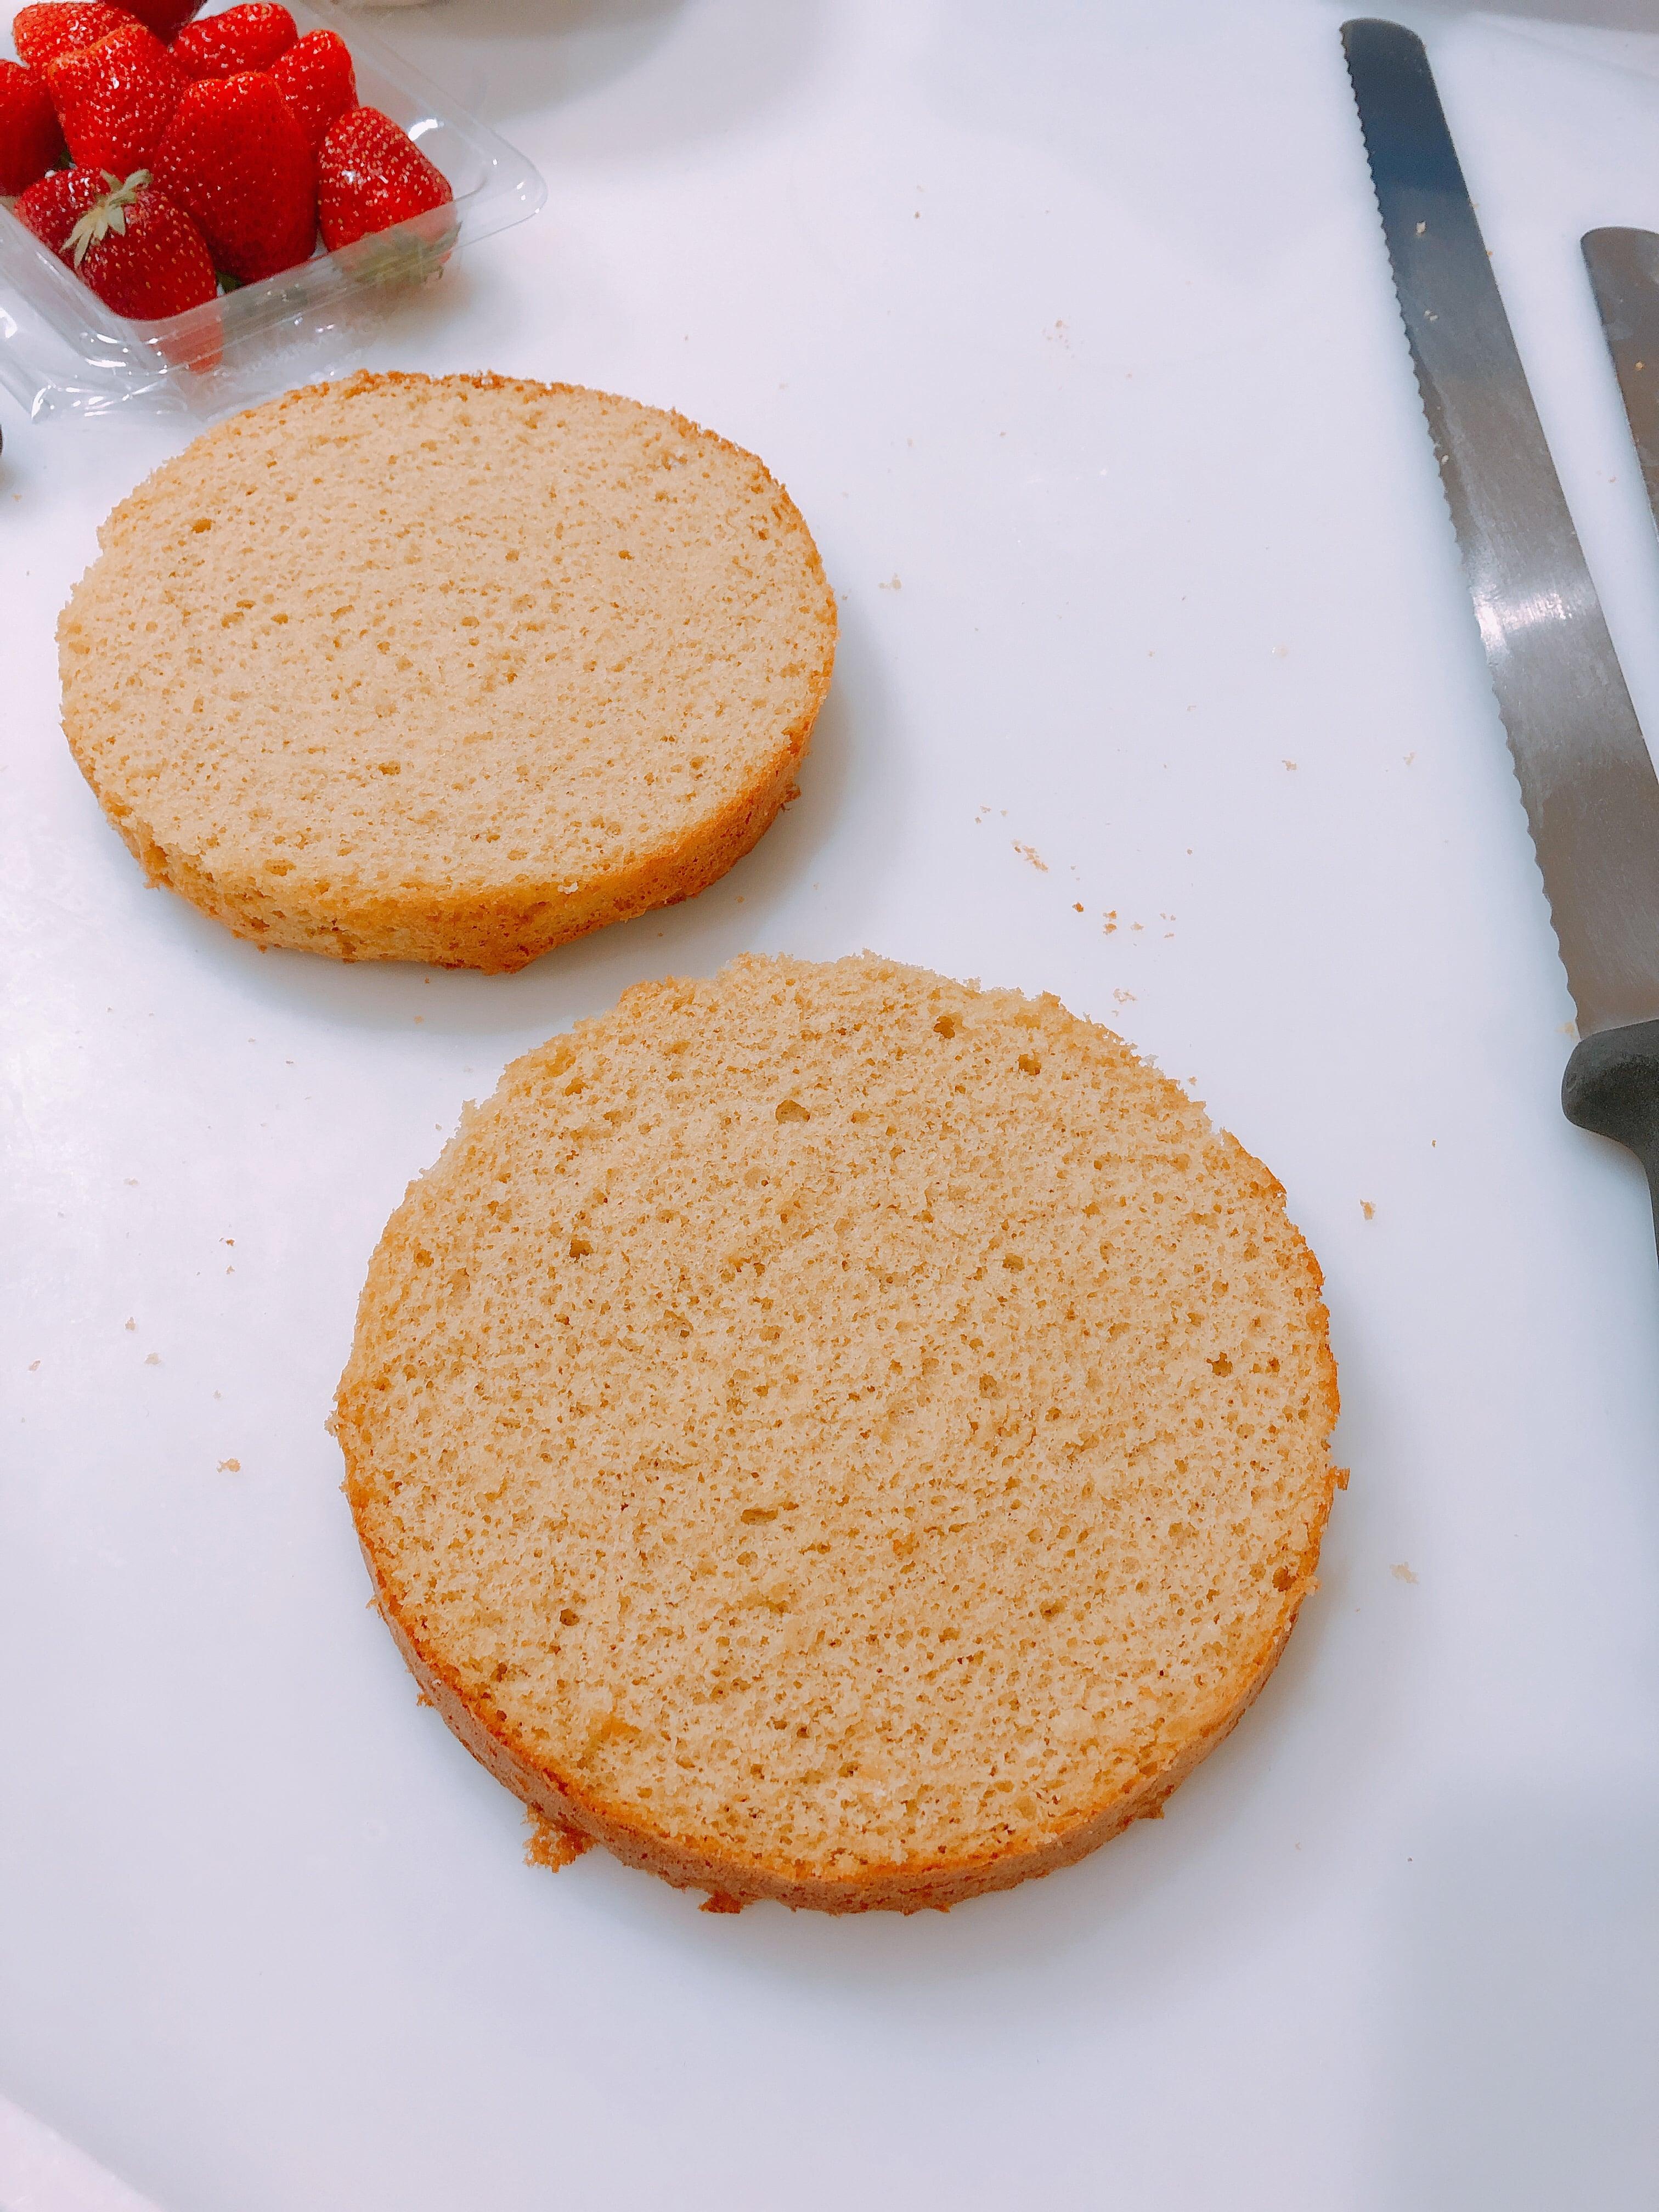 【S様専用】オーダーメイド生ケーキ現地払い・直接受け渡し用のイメージその3